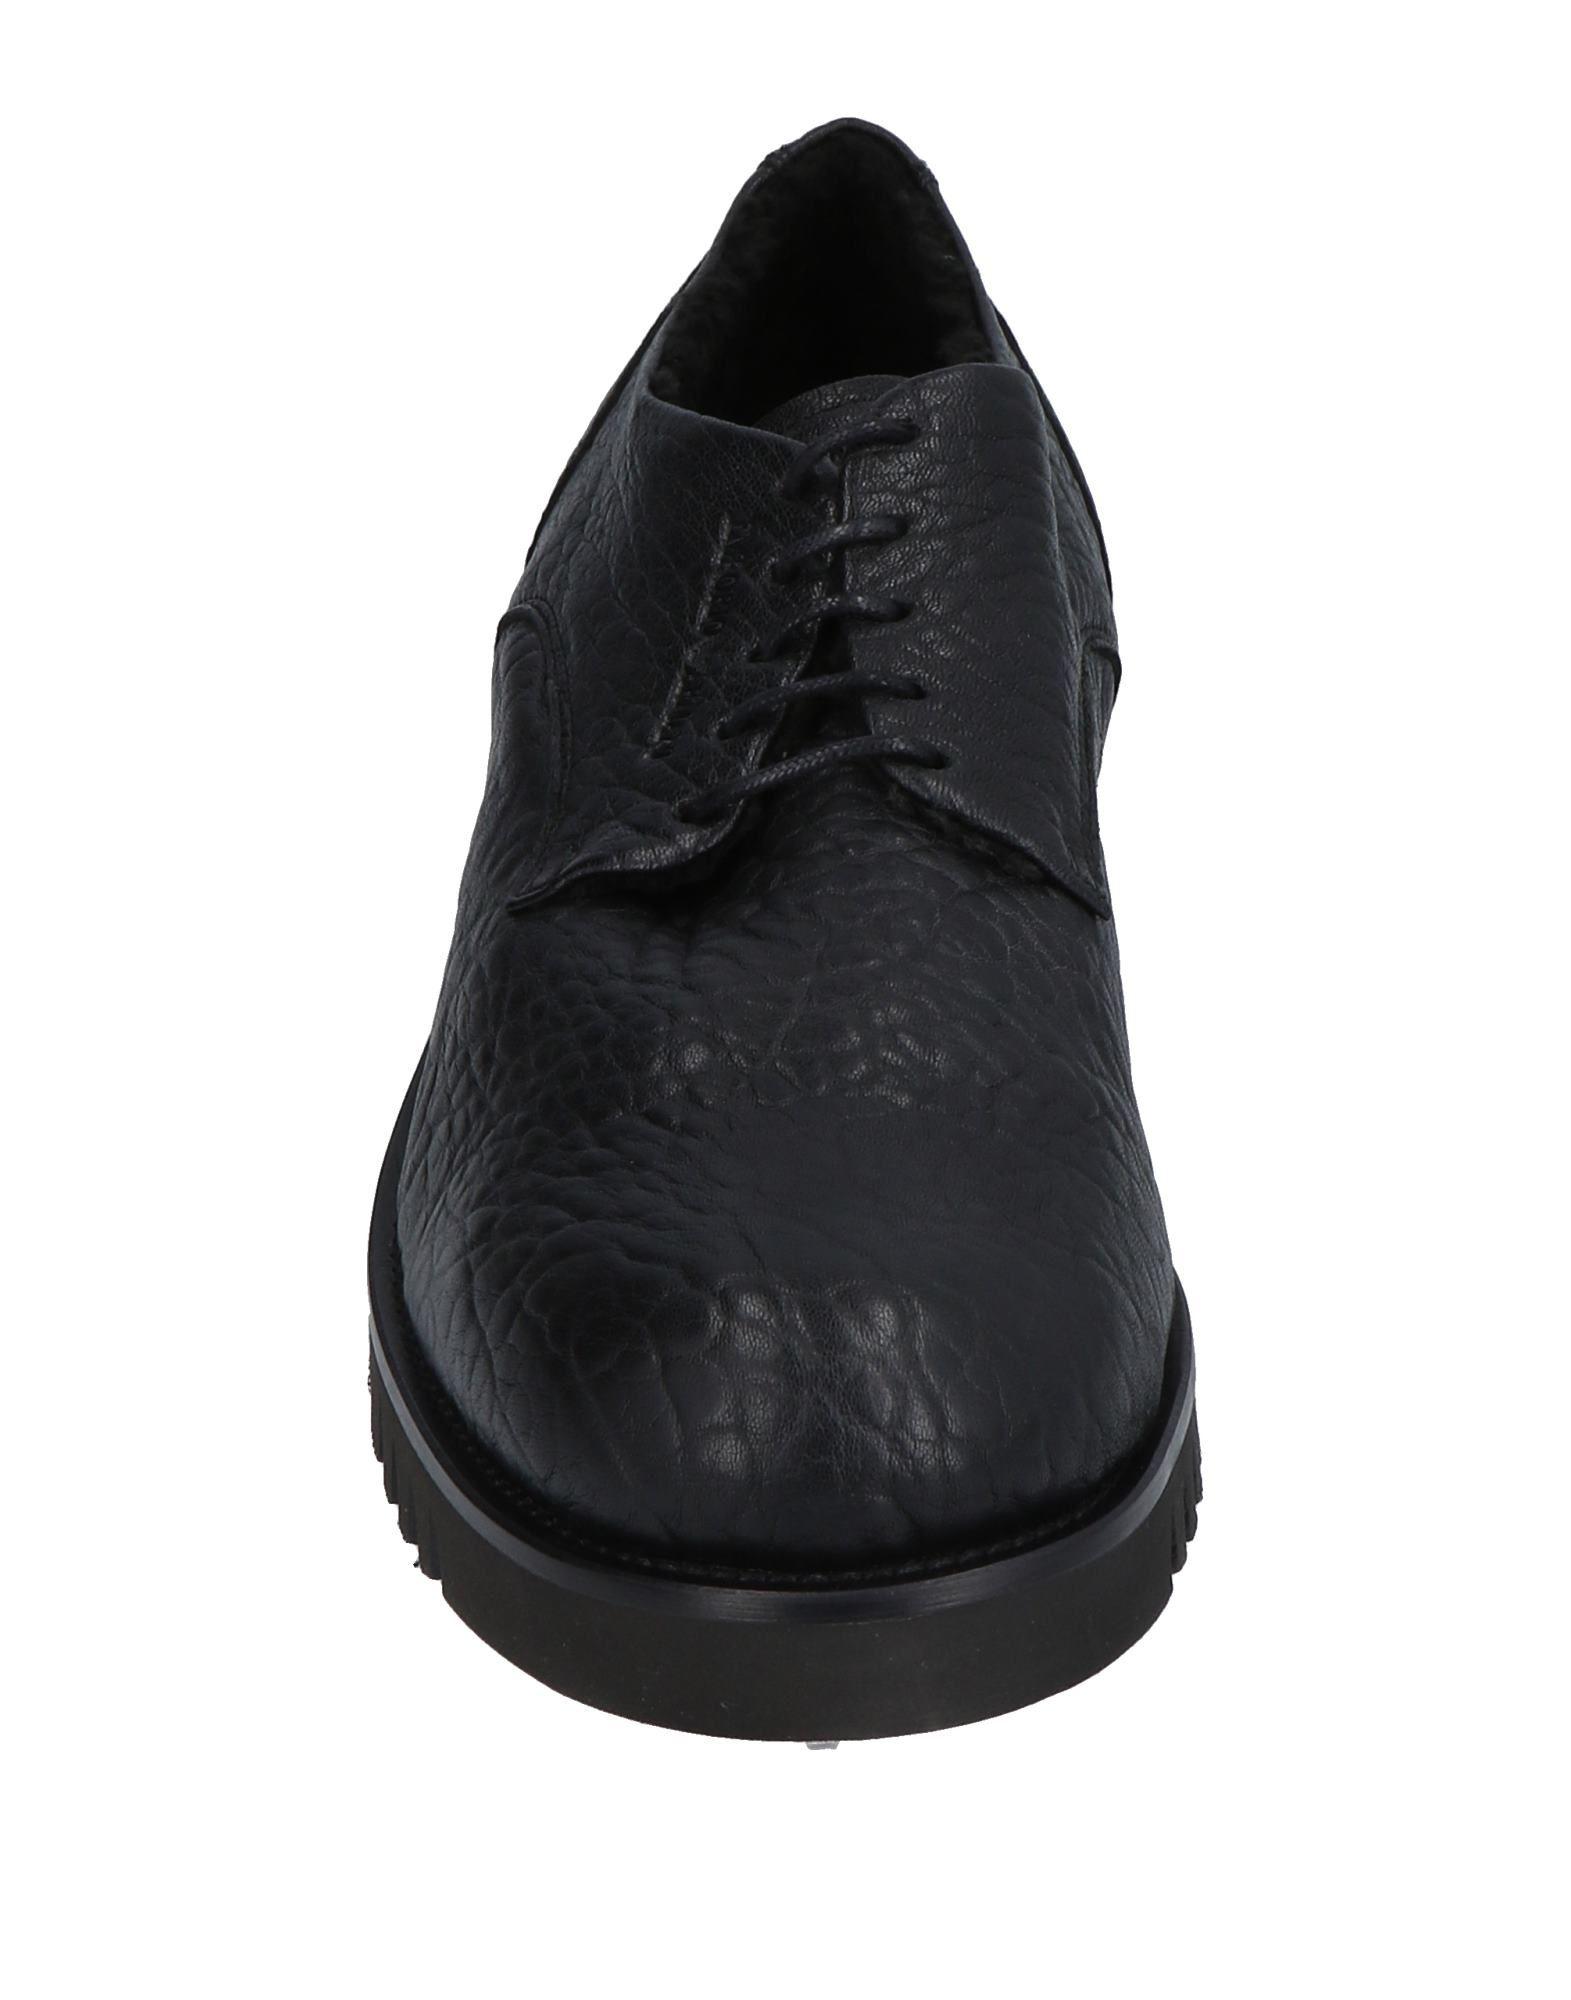 Emporio Armani Schnürschuhe Herren  Schuhe 11484933EU Gute Qualität beliebte Schuhe  f55813